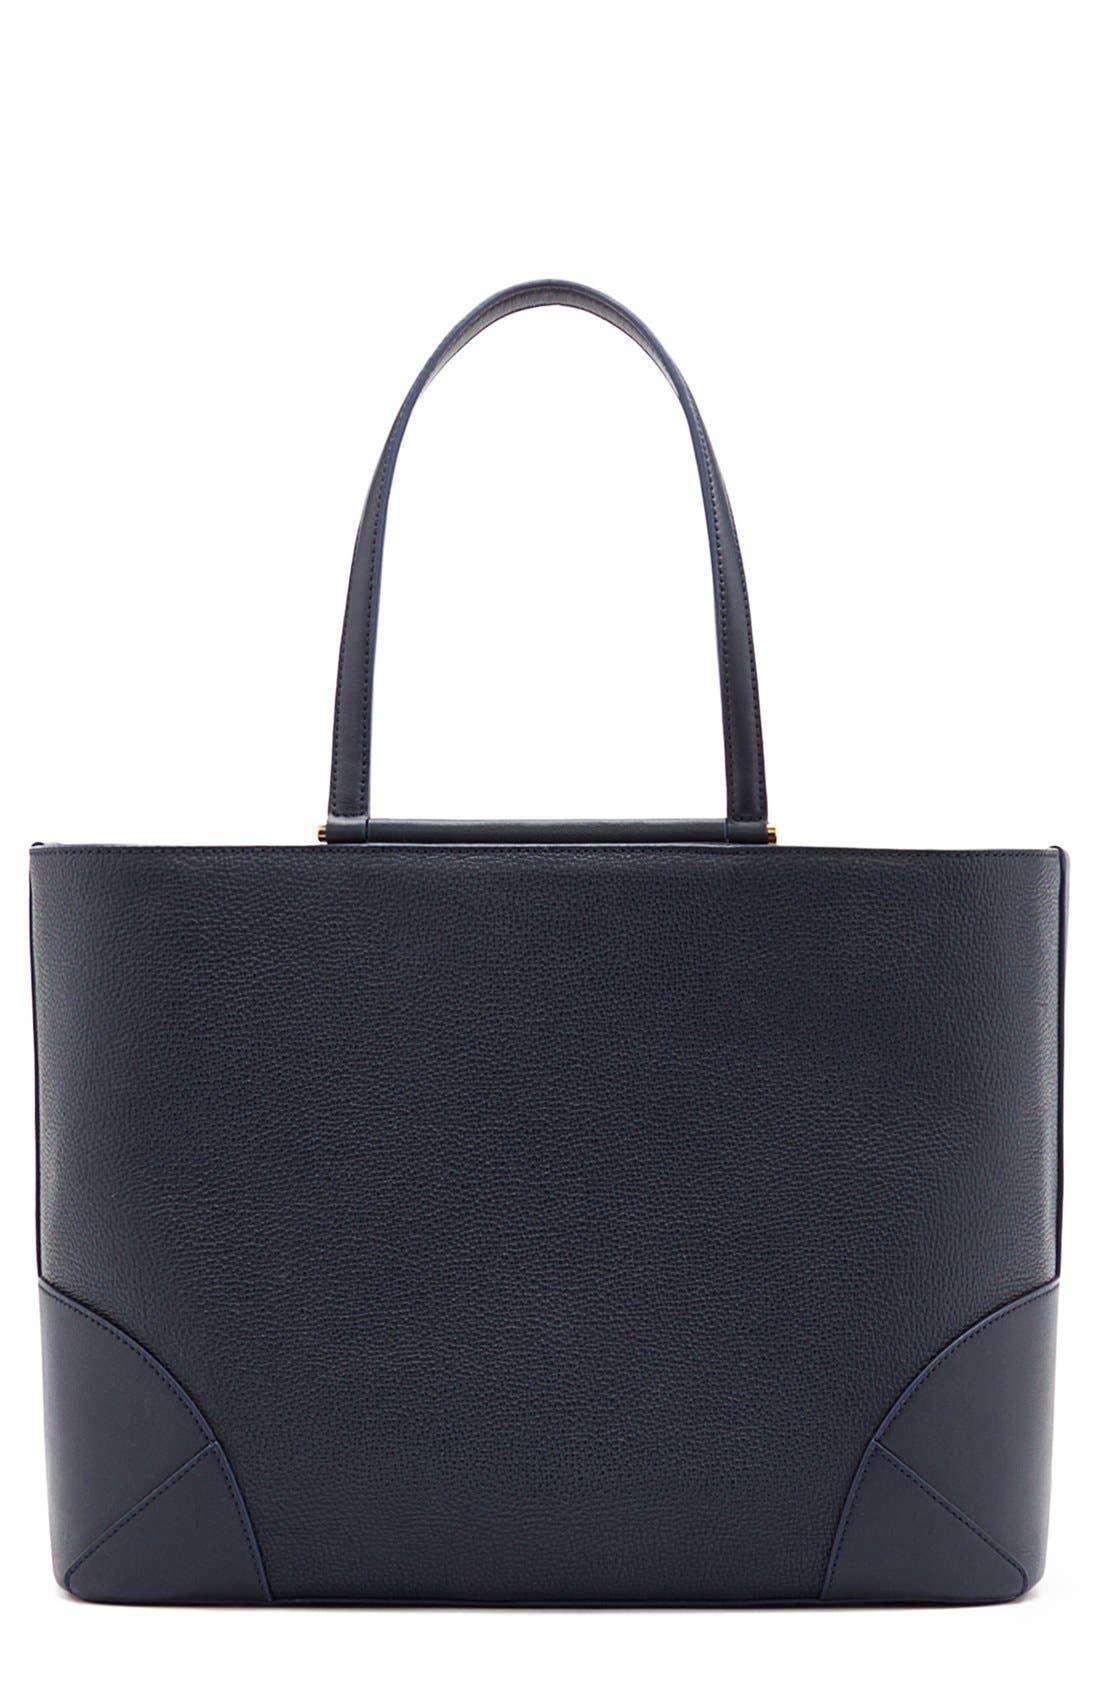 Main Image - MCM 'Medium Claudia' Leather Shopper